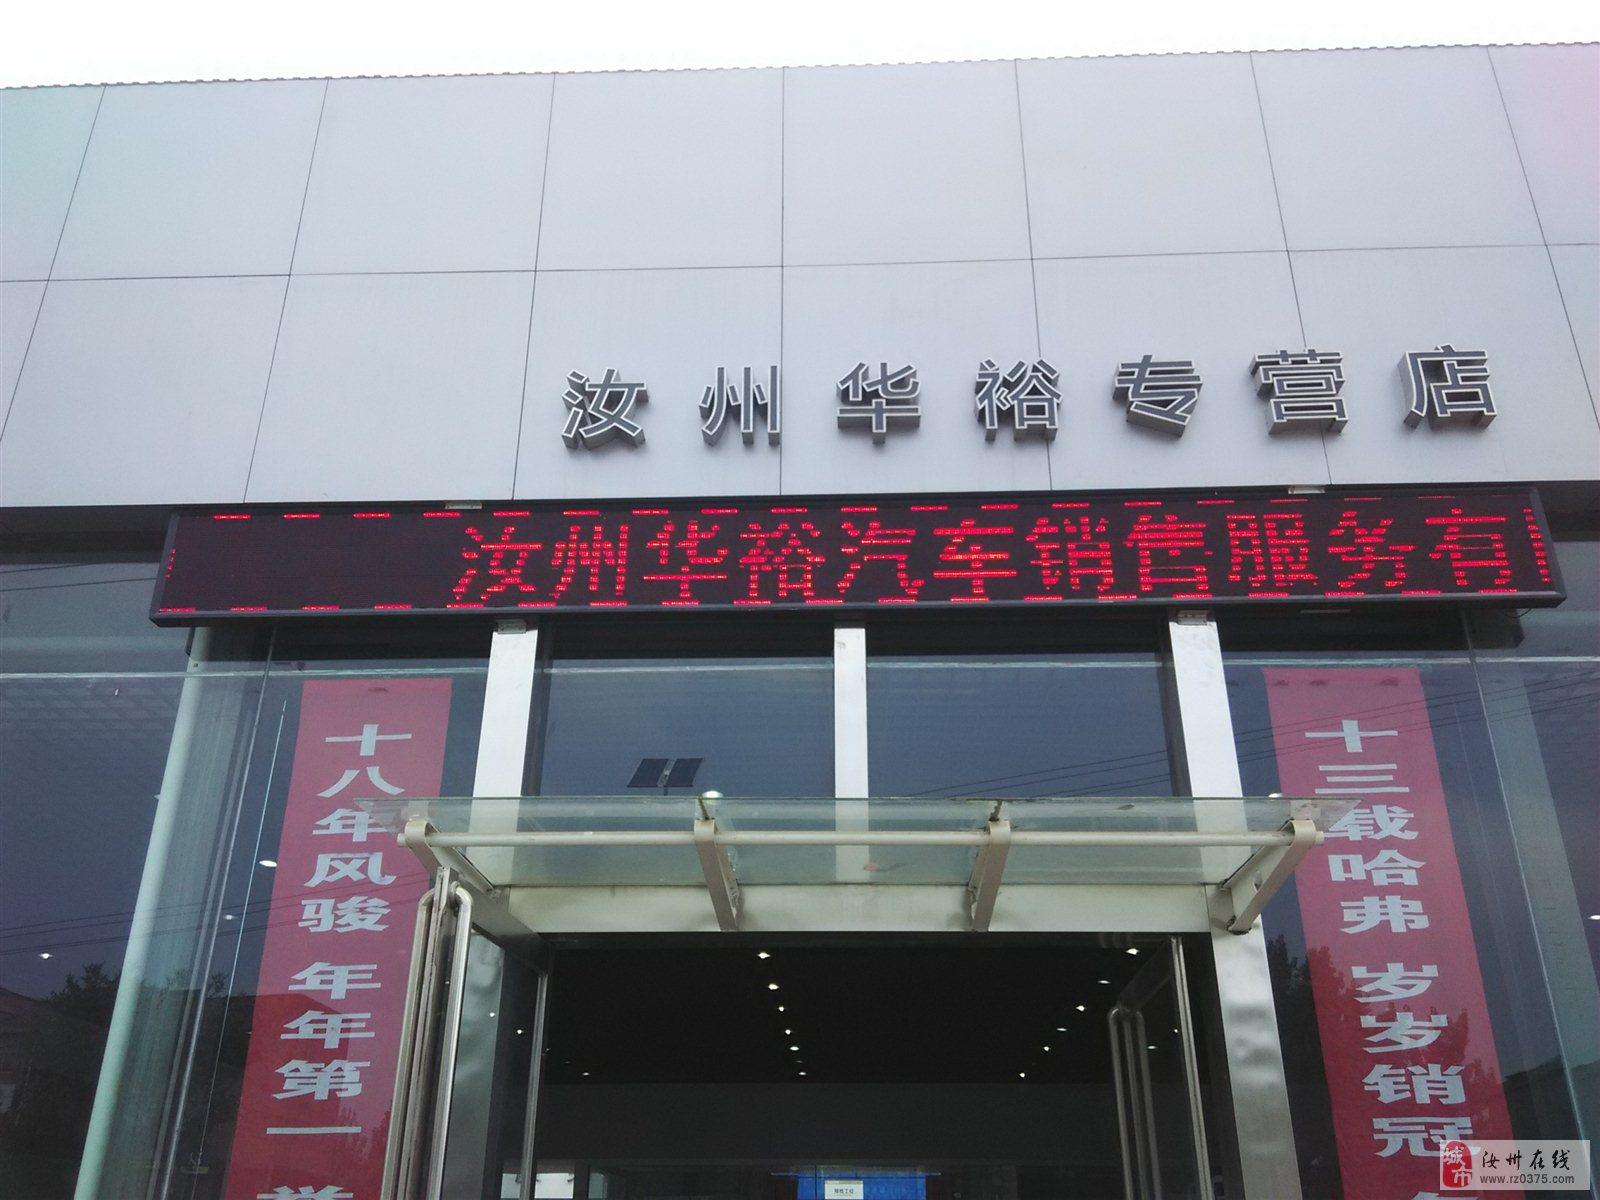 主营长城哈弗汽车,是长城汽车公司在汝州唯一授权的专营店.